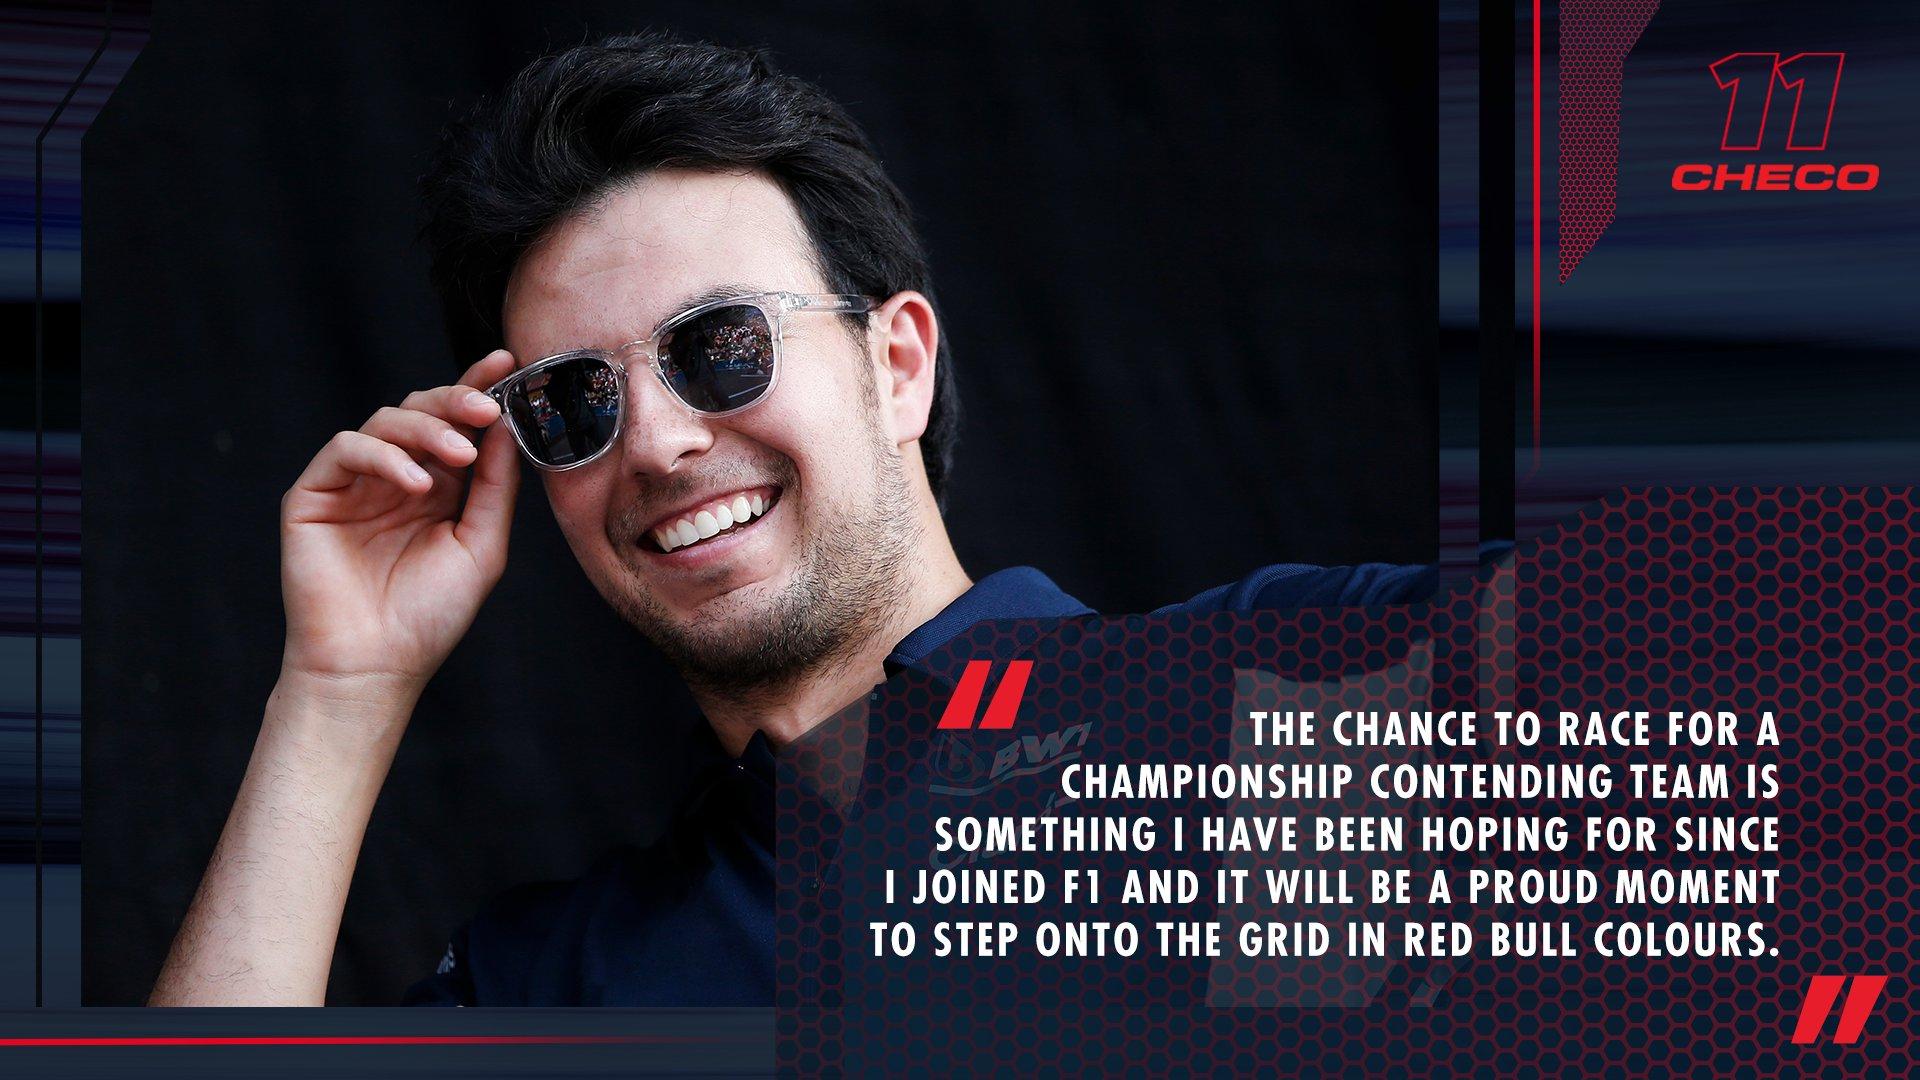 Es oficial: Checo Pérez es nuevo piloto de Red Bull en Fórmula 1